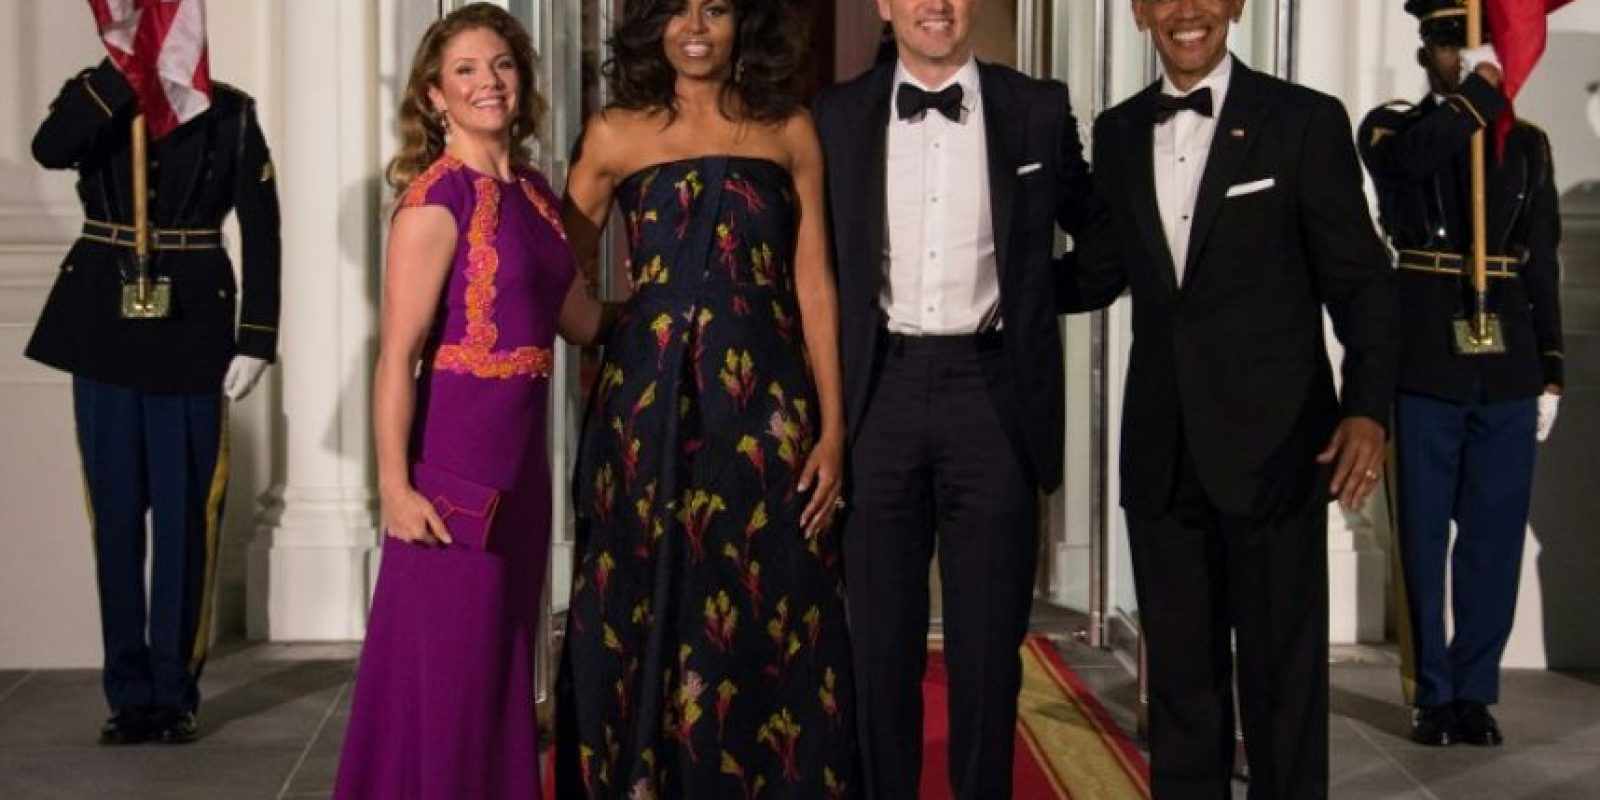 El presidente Barack Obama y la primera dama, Michelle Obama, recibieron al primer ministro canadiense, Justin Trudeau, y su esposa, Sophie Grégoire, en la Casa Blanca Foto:AFP